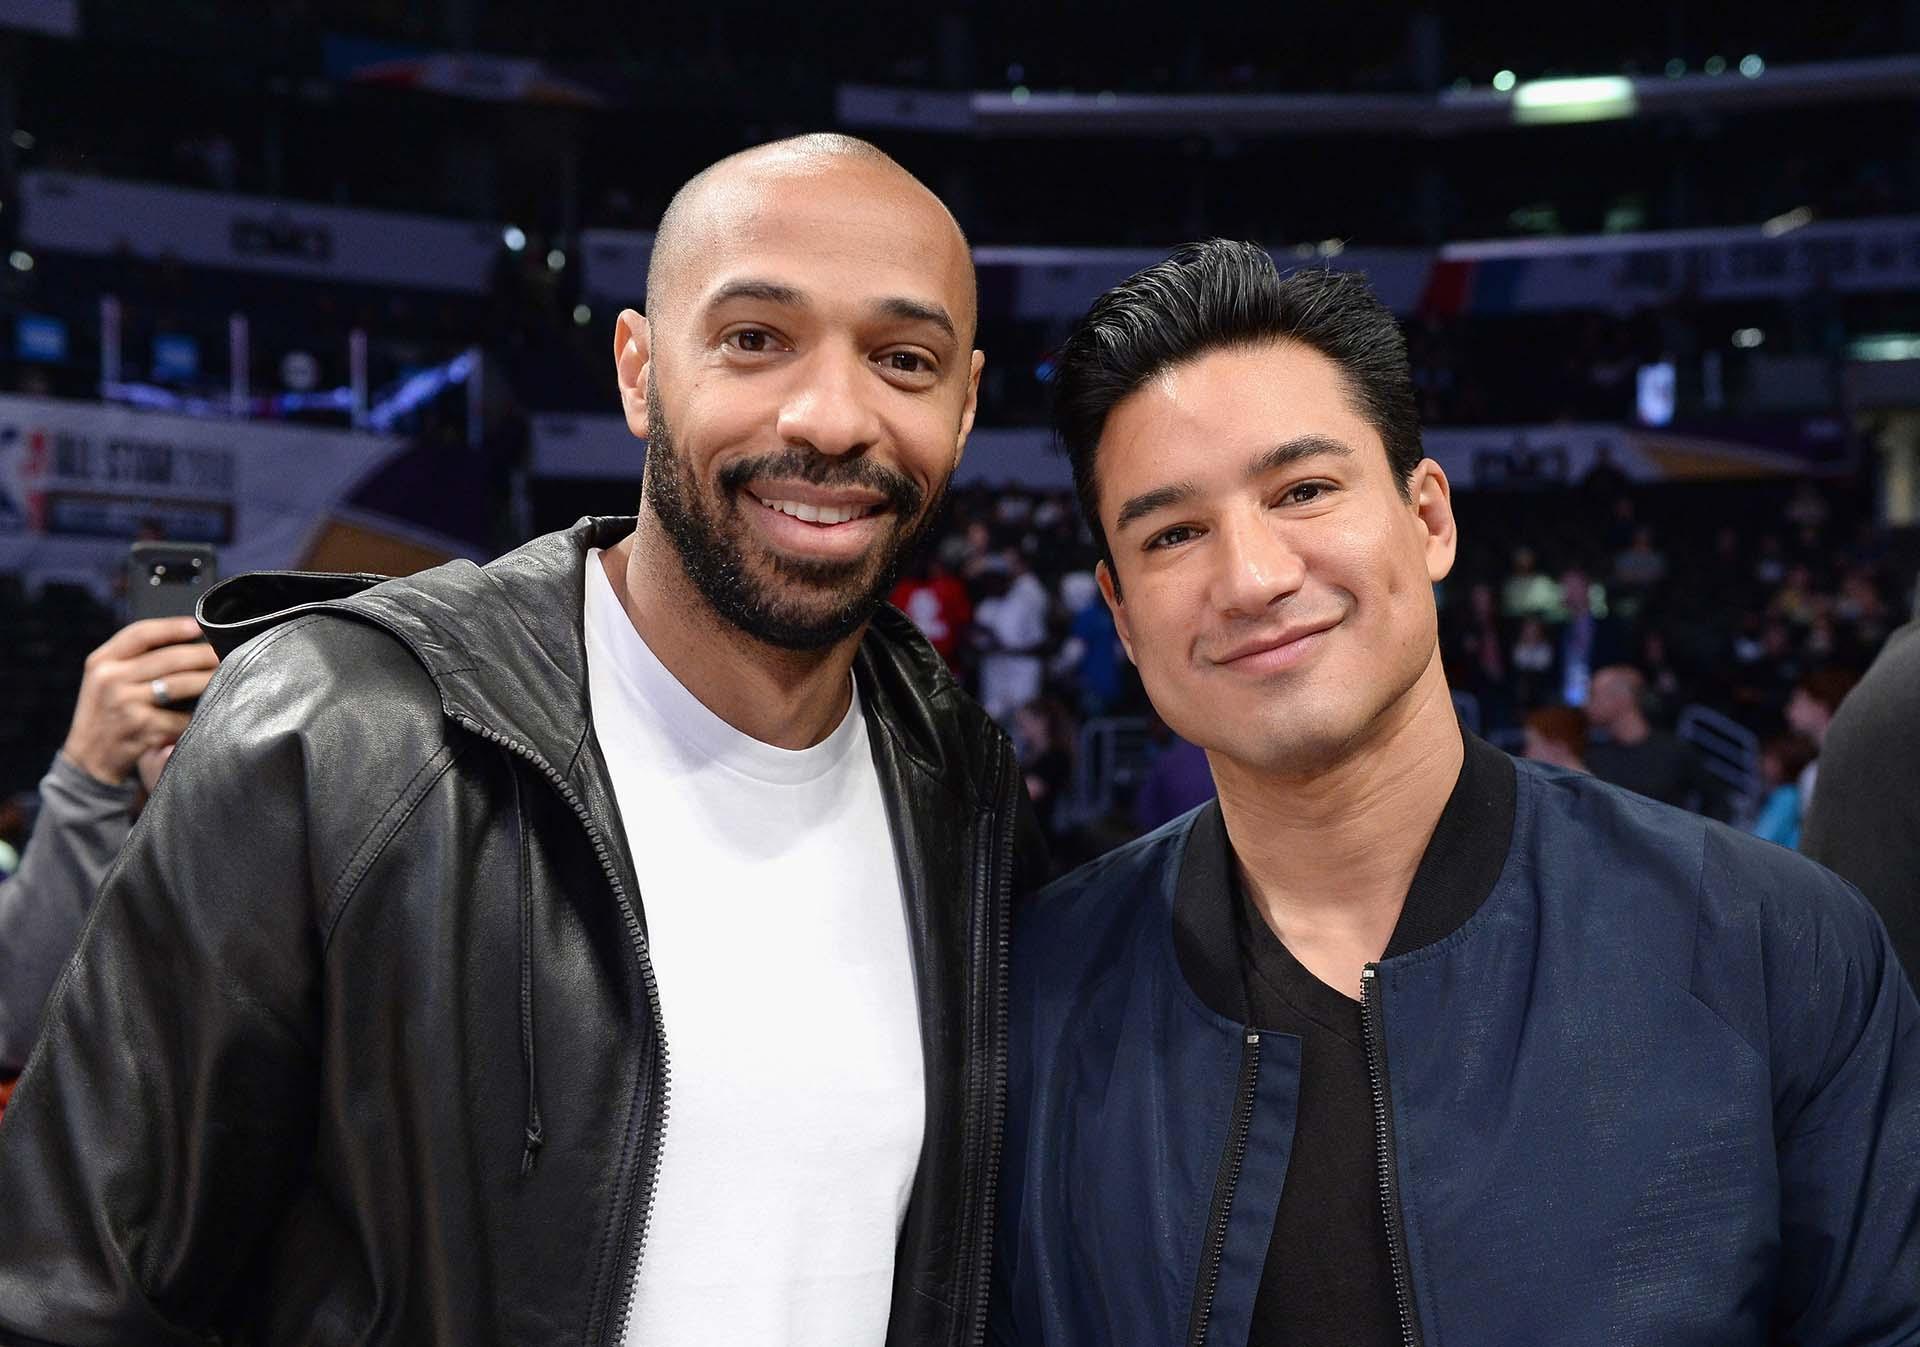 El ex futbolistaThierry Henry junto al actor Mario Lopez